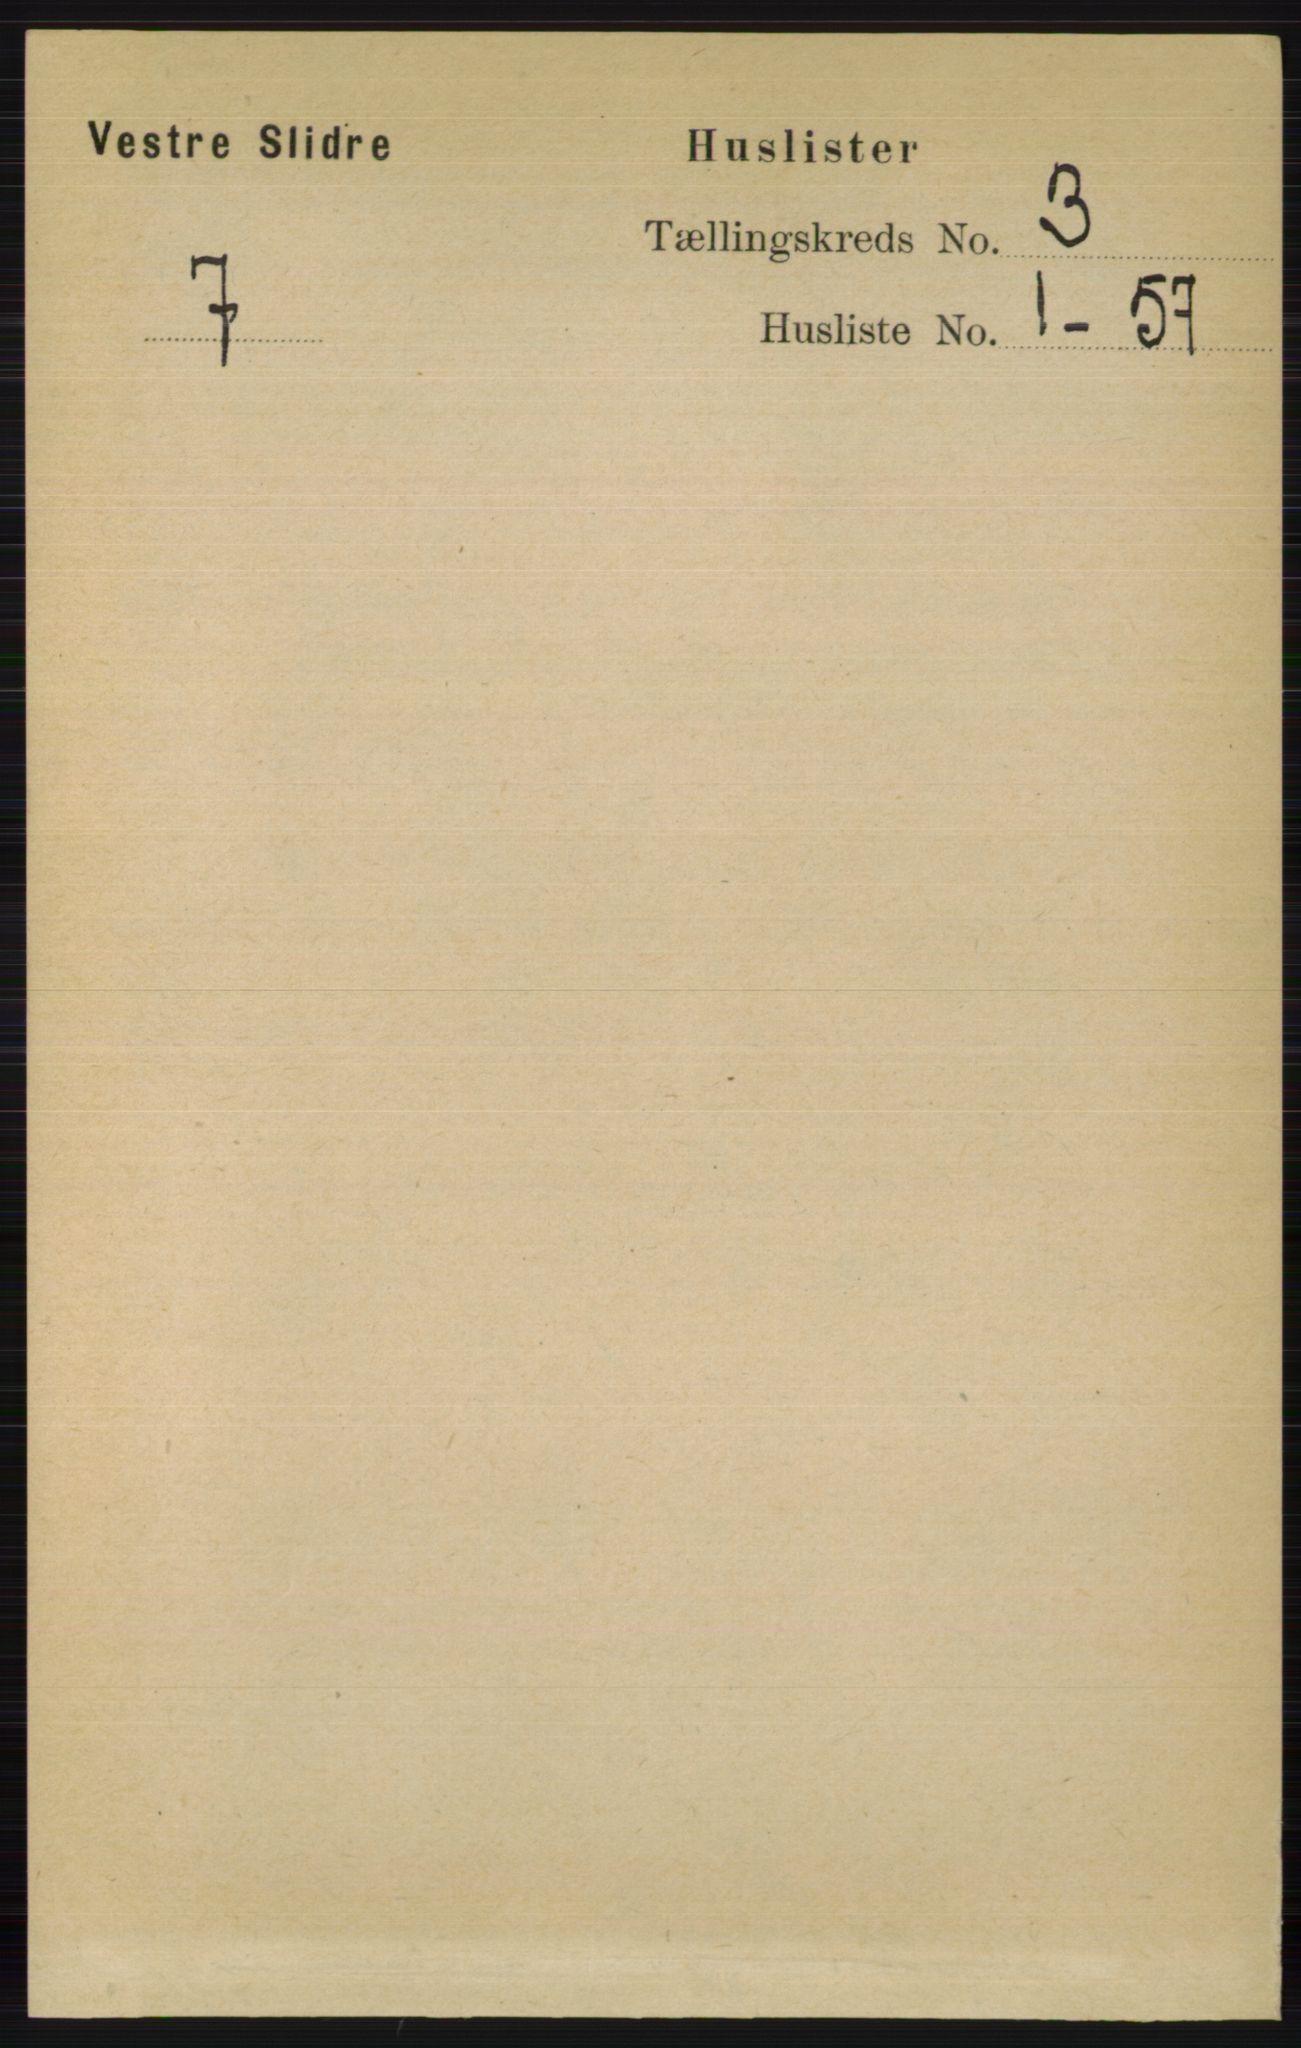 RA, Folketelling 1891 for 0543 Vestre Slidre herred, 1891, s. 763